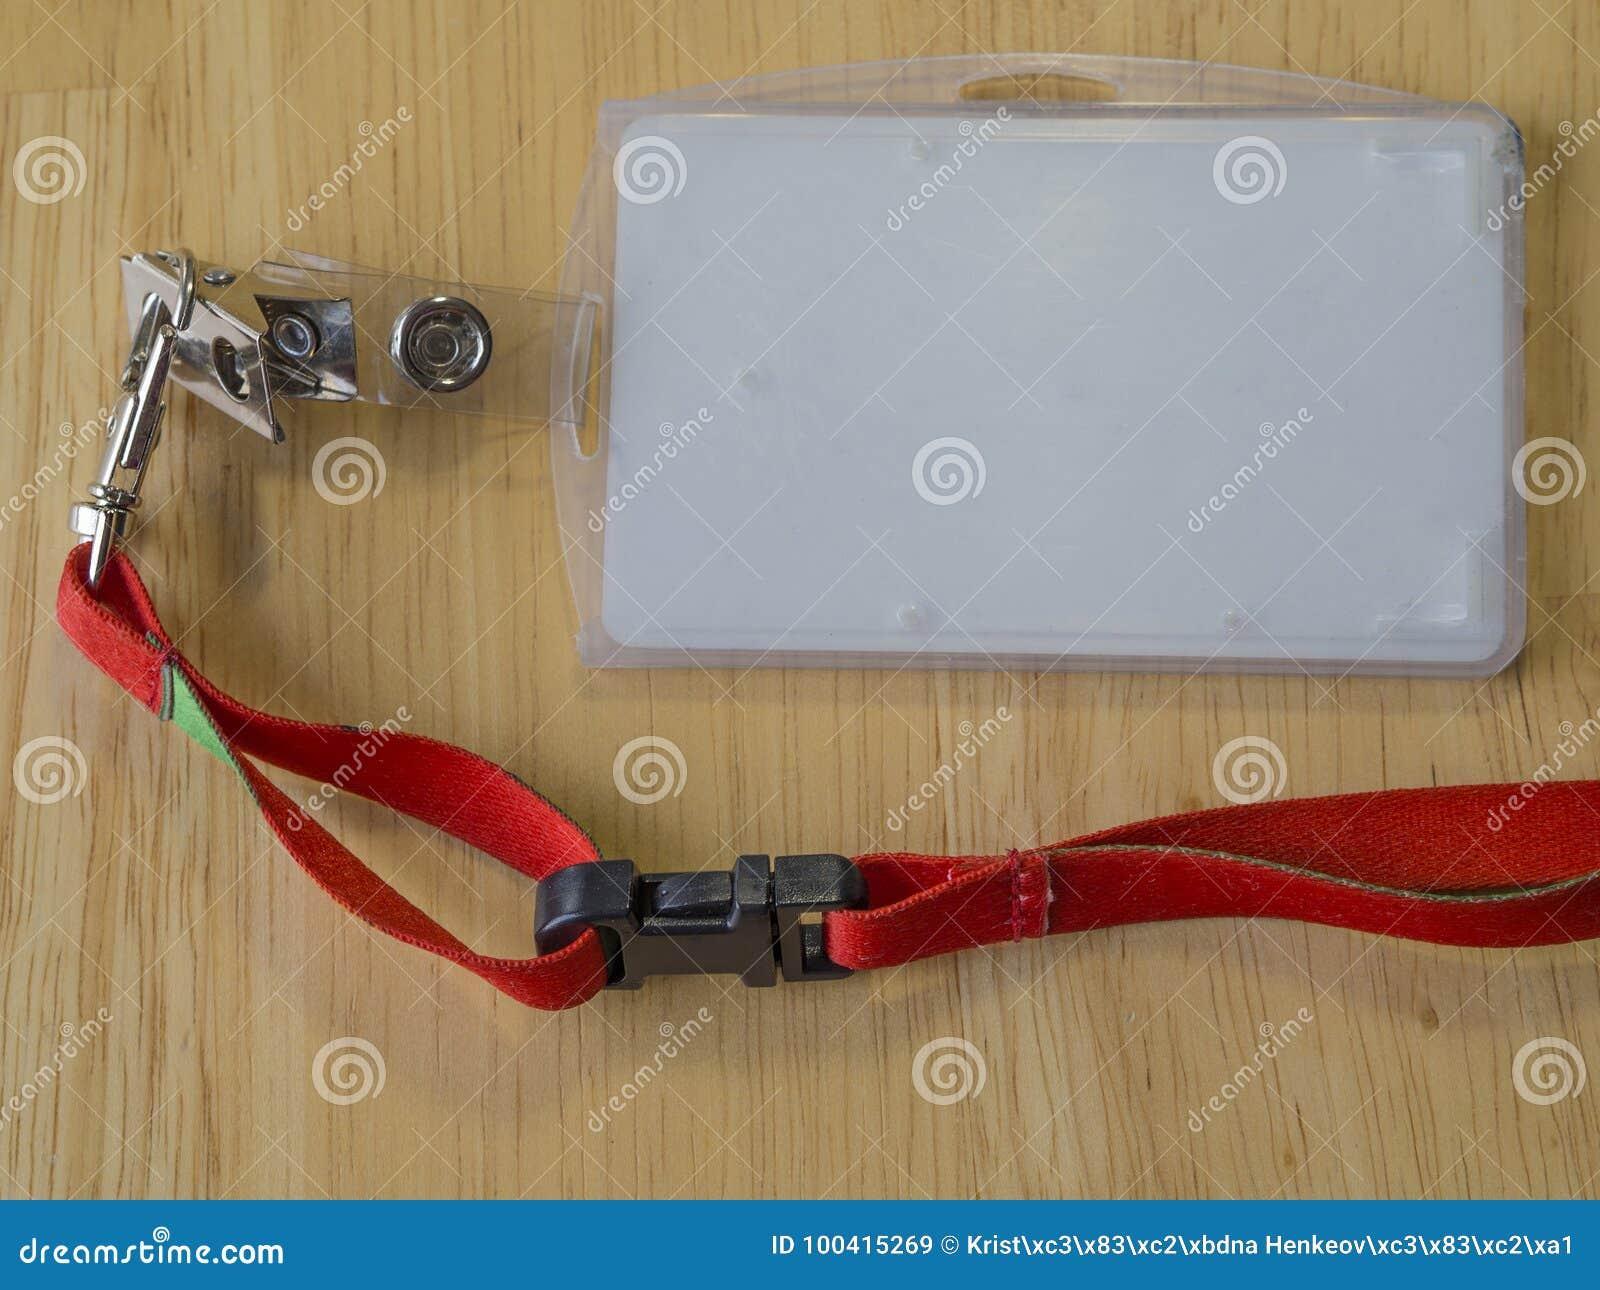 Бирка имени удостоверения личности компании пустая белая в пластмассе с